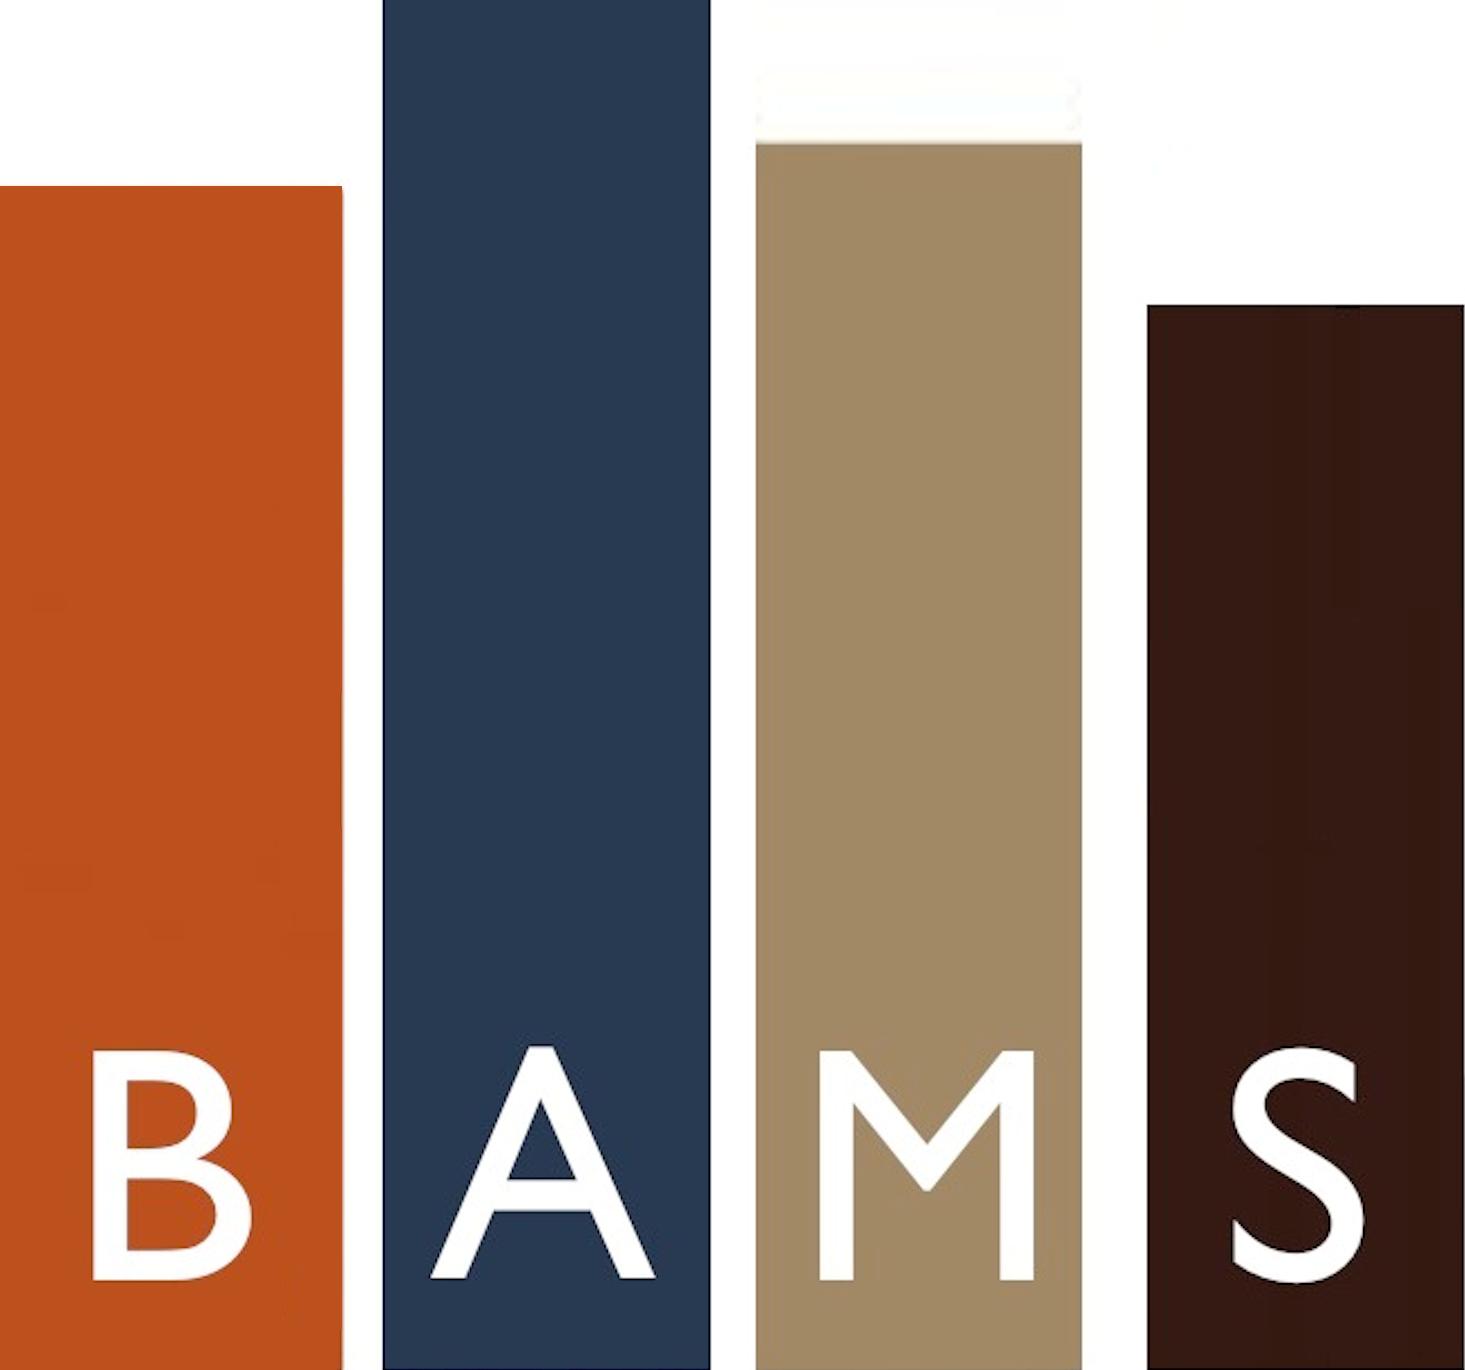 Modernism Now! 2014 Conference – British Association for Modernist